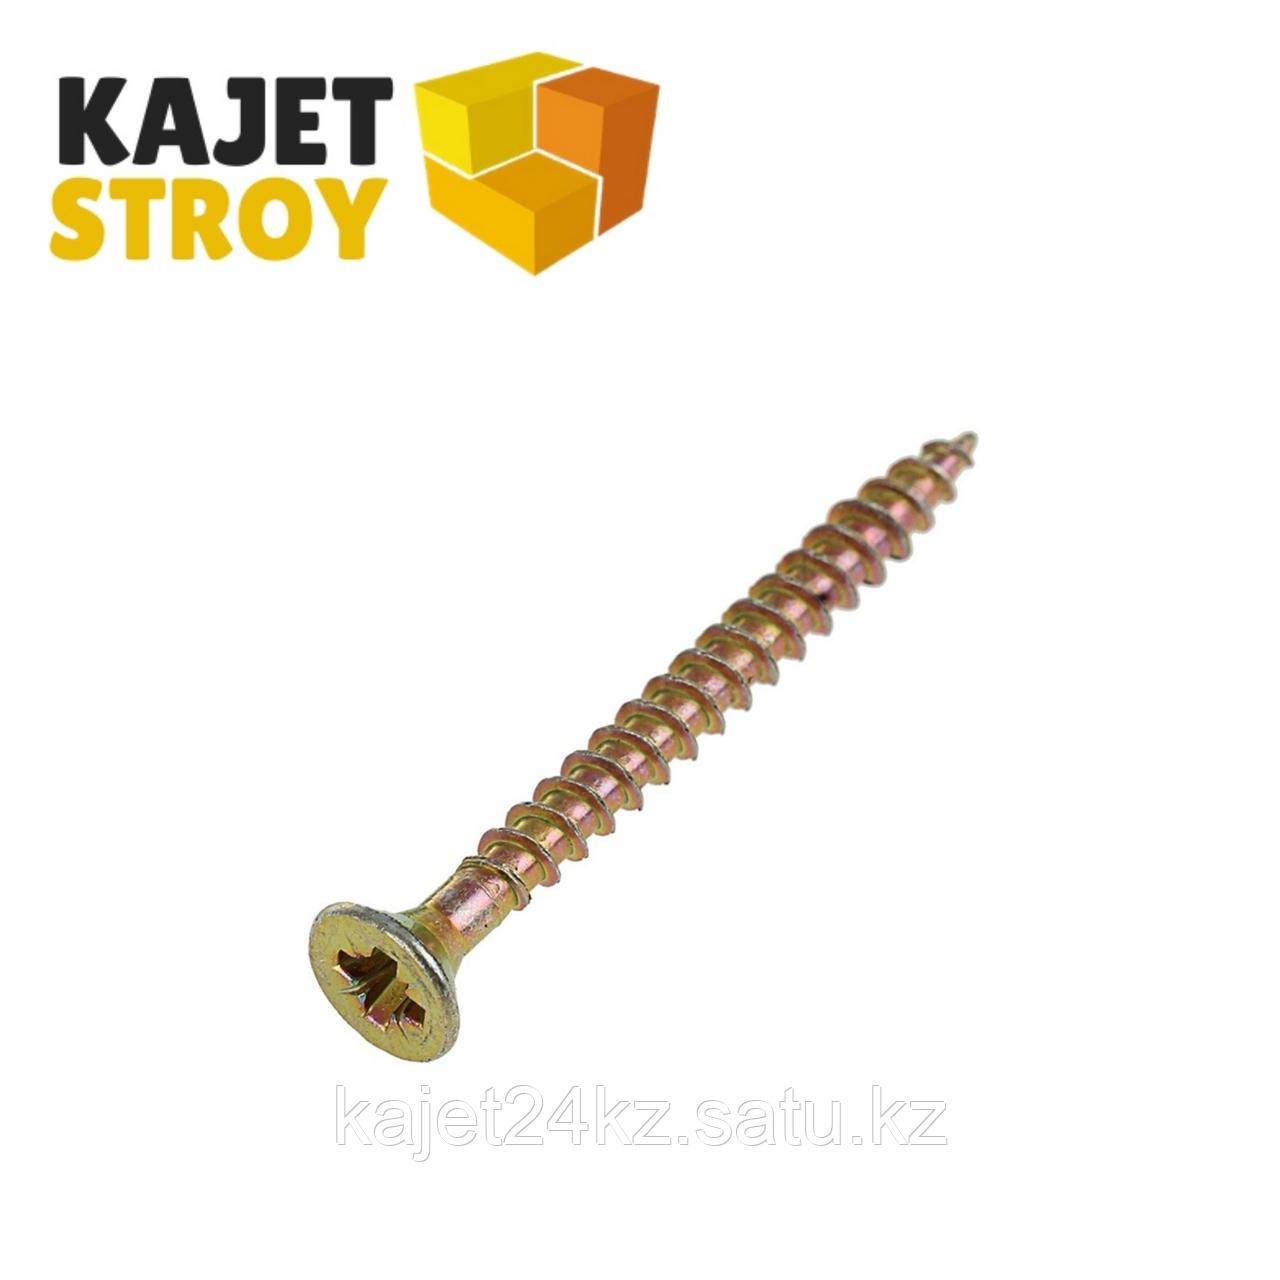 Шуруп универсальный, 5,0х90, желтопассированный (БК - 100шт.) // ЦК